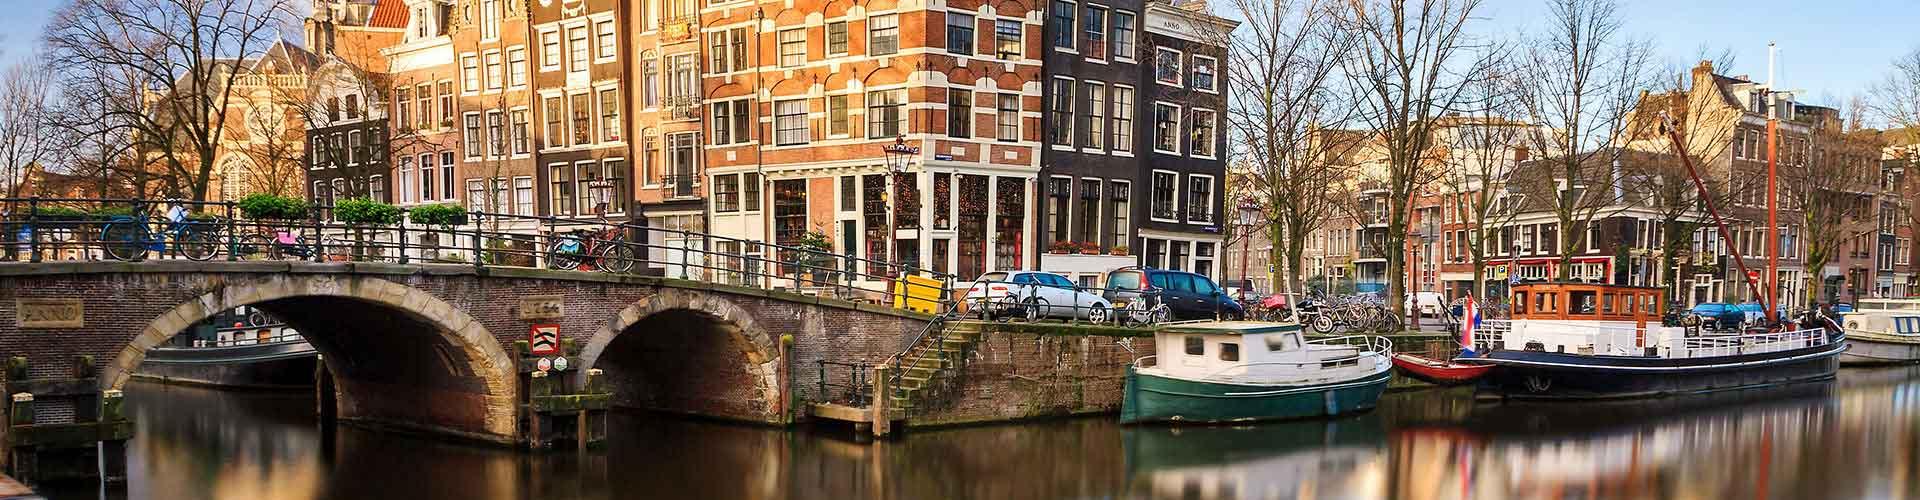 アムステルダム – アムステルダムRAI駅の近くにあるホステル. 地図 アムステルダム, すべてのホステルの写真とレビュー アムステルダム.